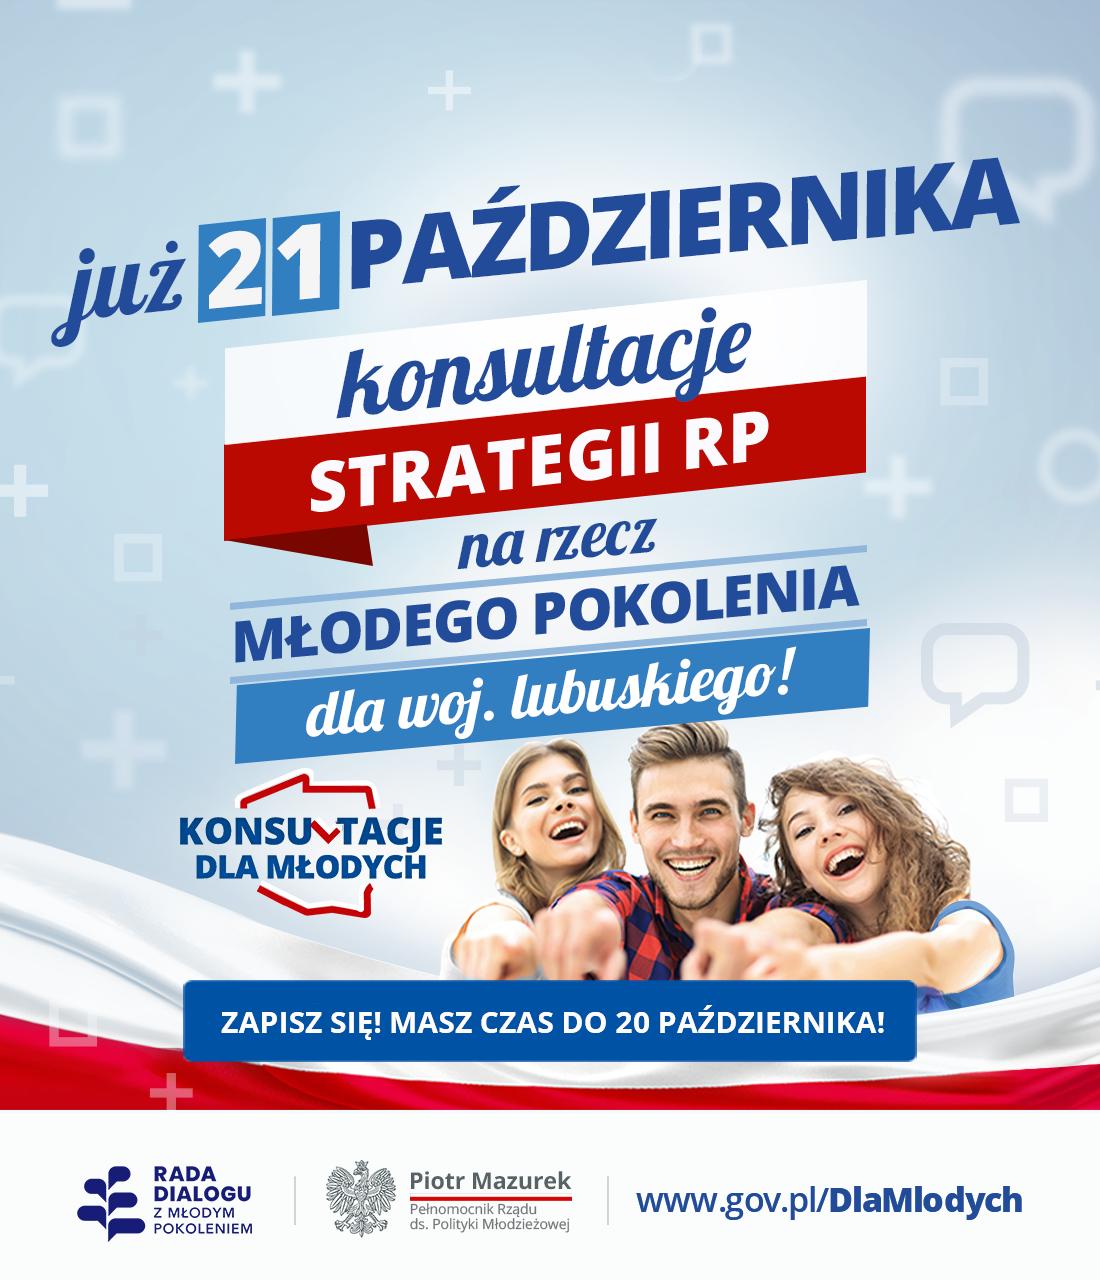 Ilustracja do informacji: Zapisz się na konsultacje strategii dla młodych w woj. lubuskim!